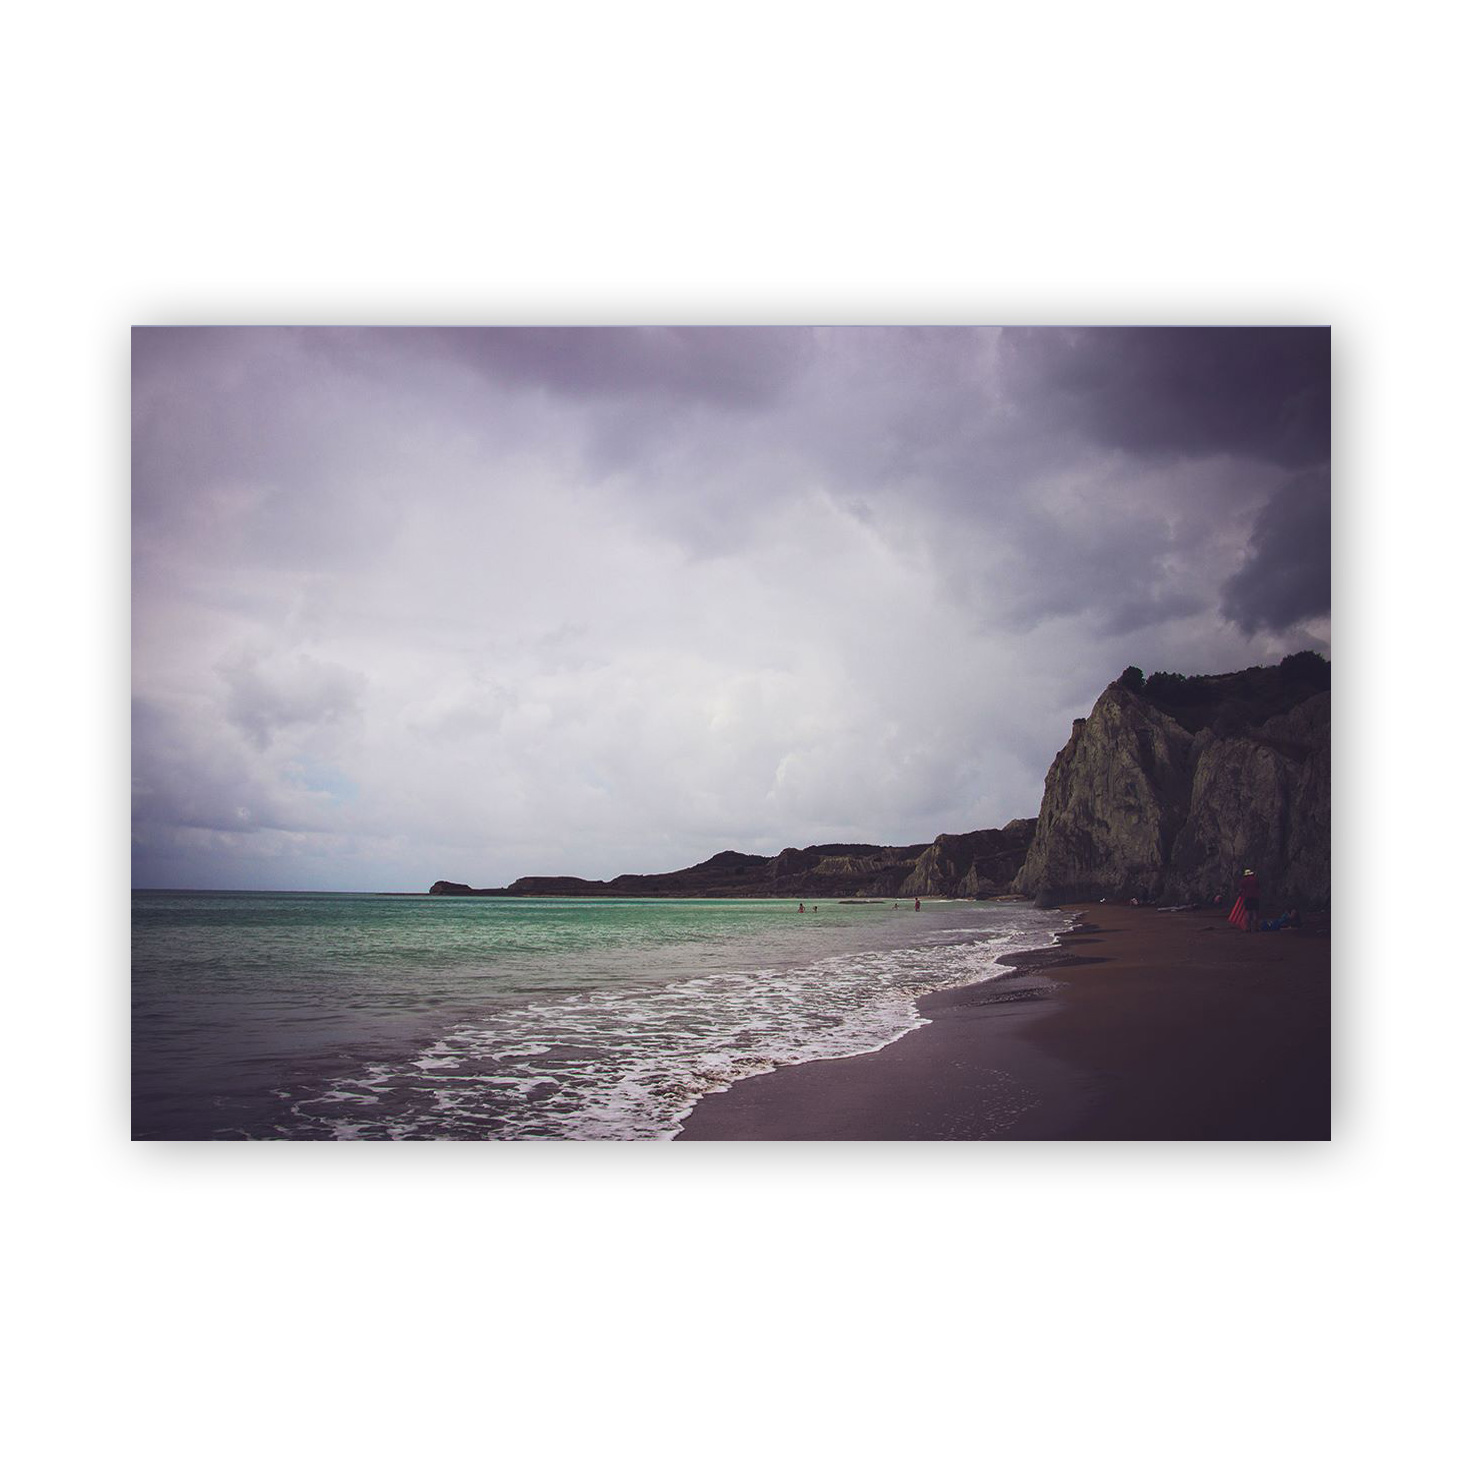 Stormy beaches